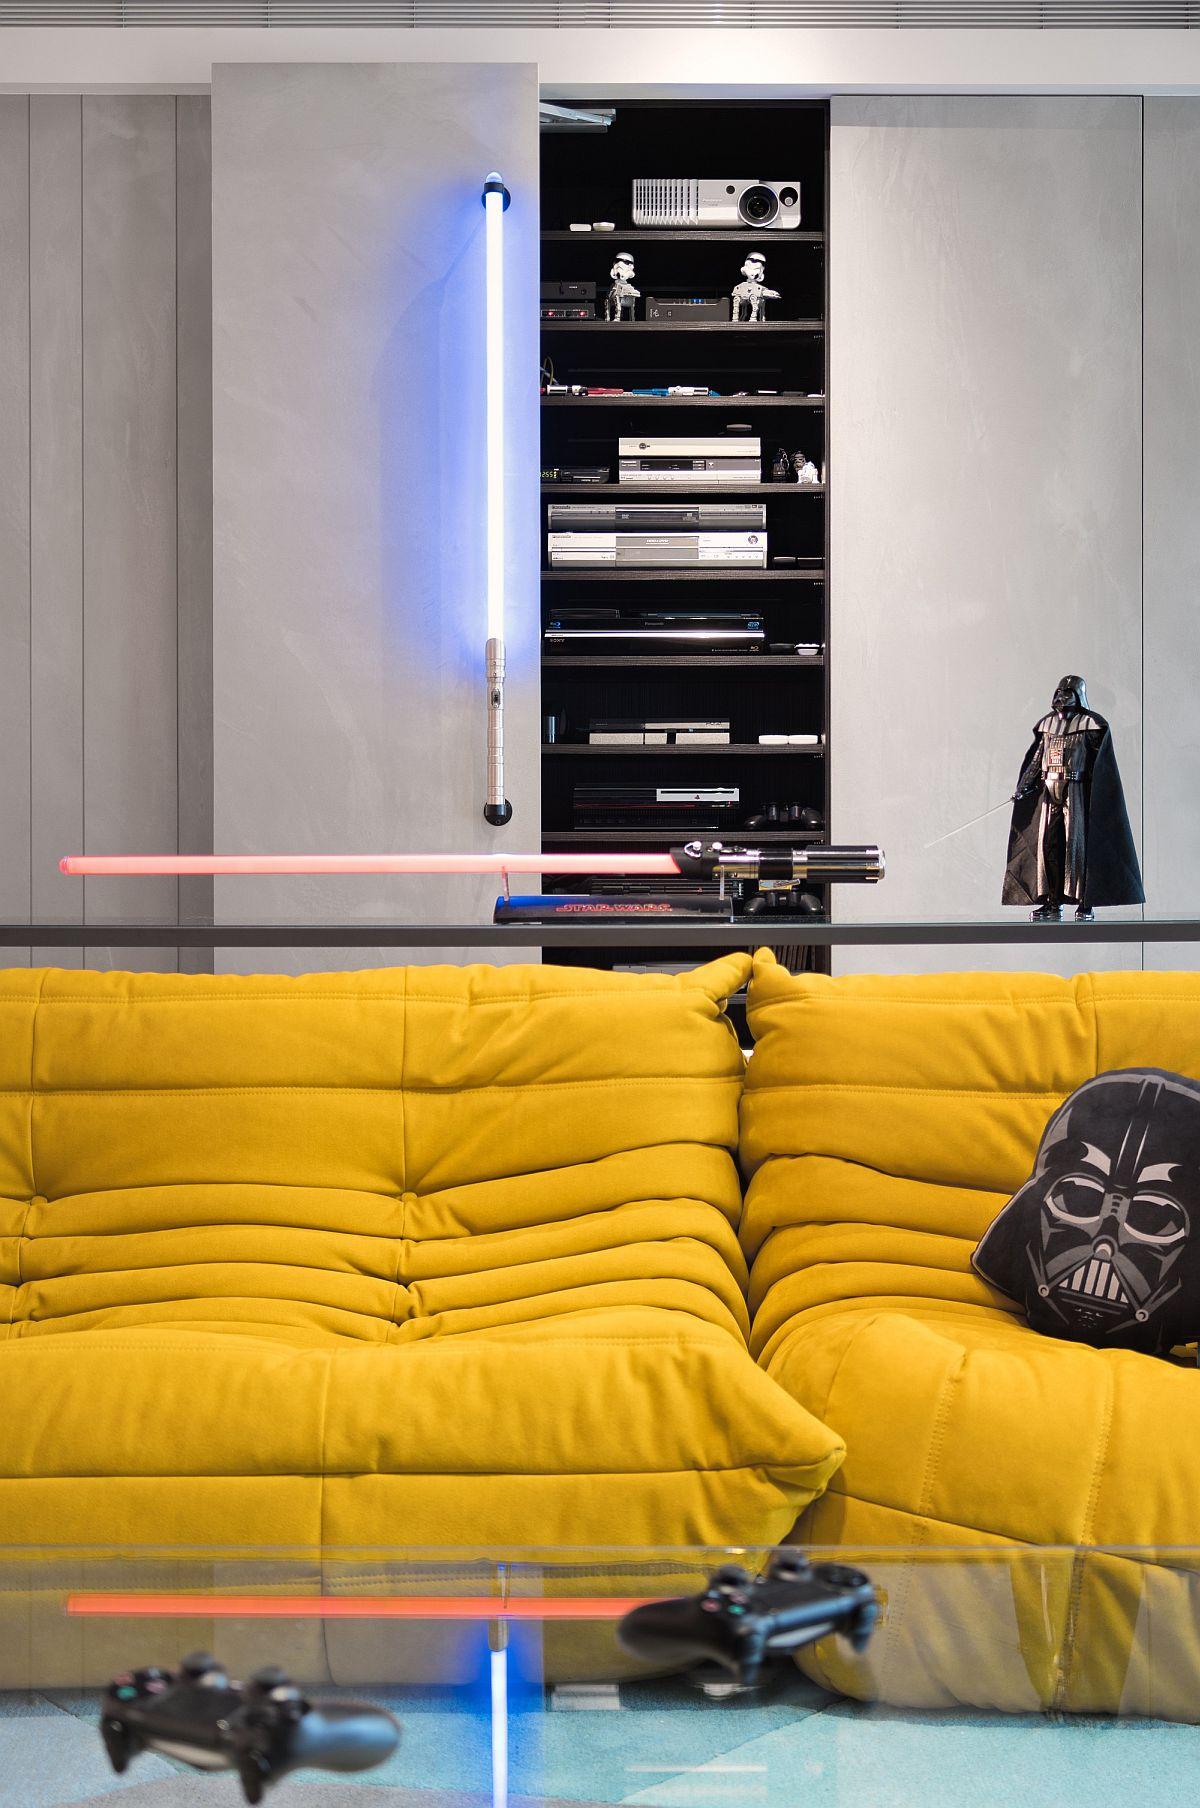 apartament-s-interior-koito-vi-prenasq-v-drugo-izmerenie-4g